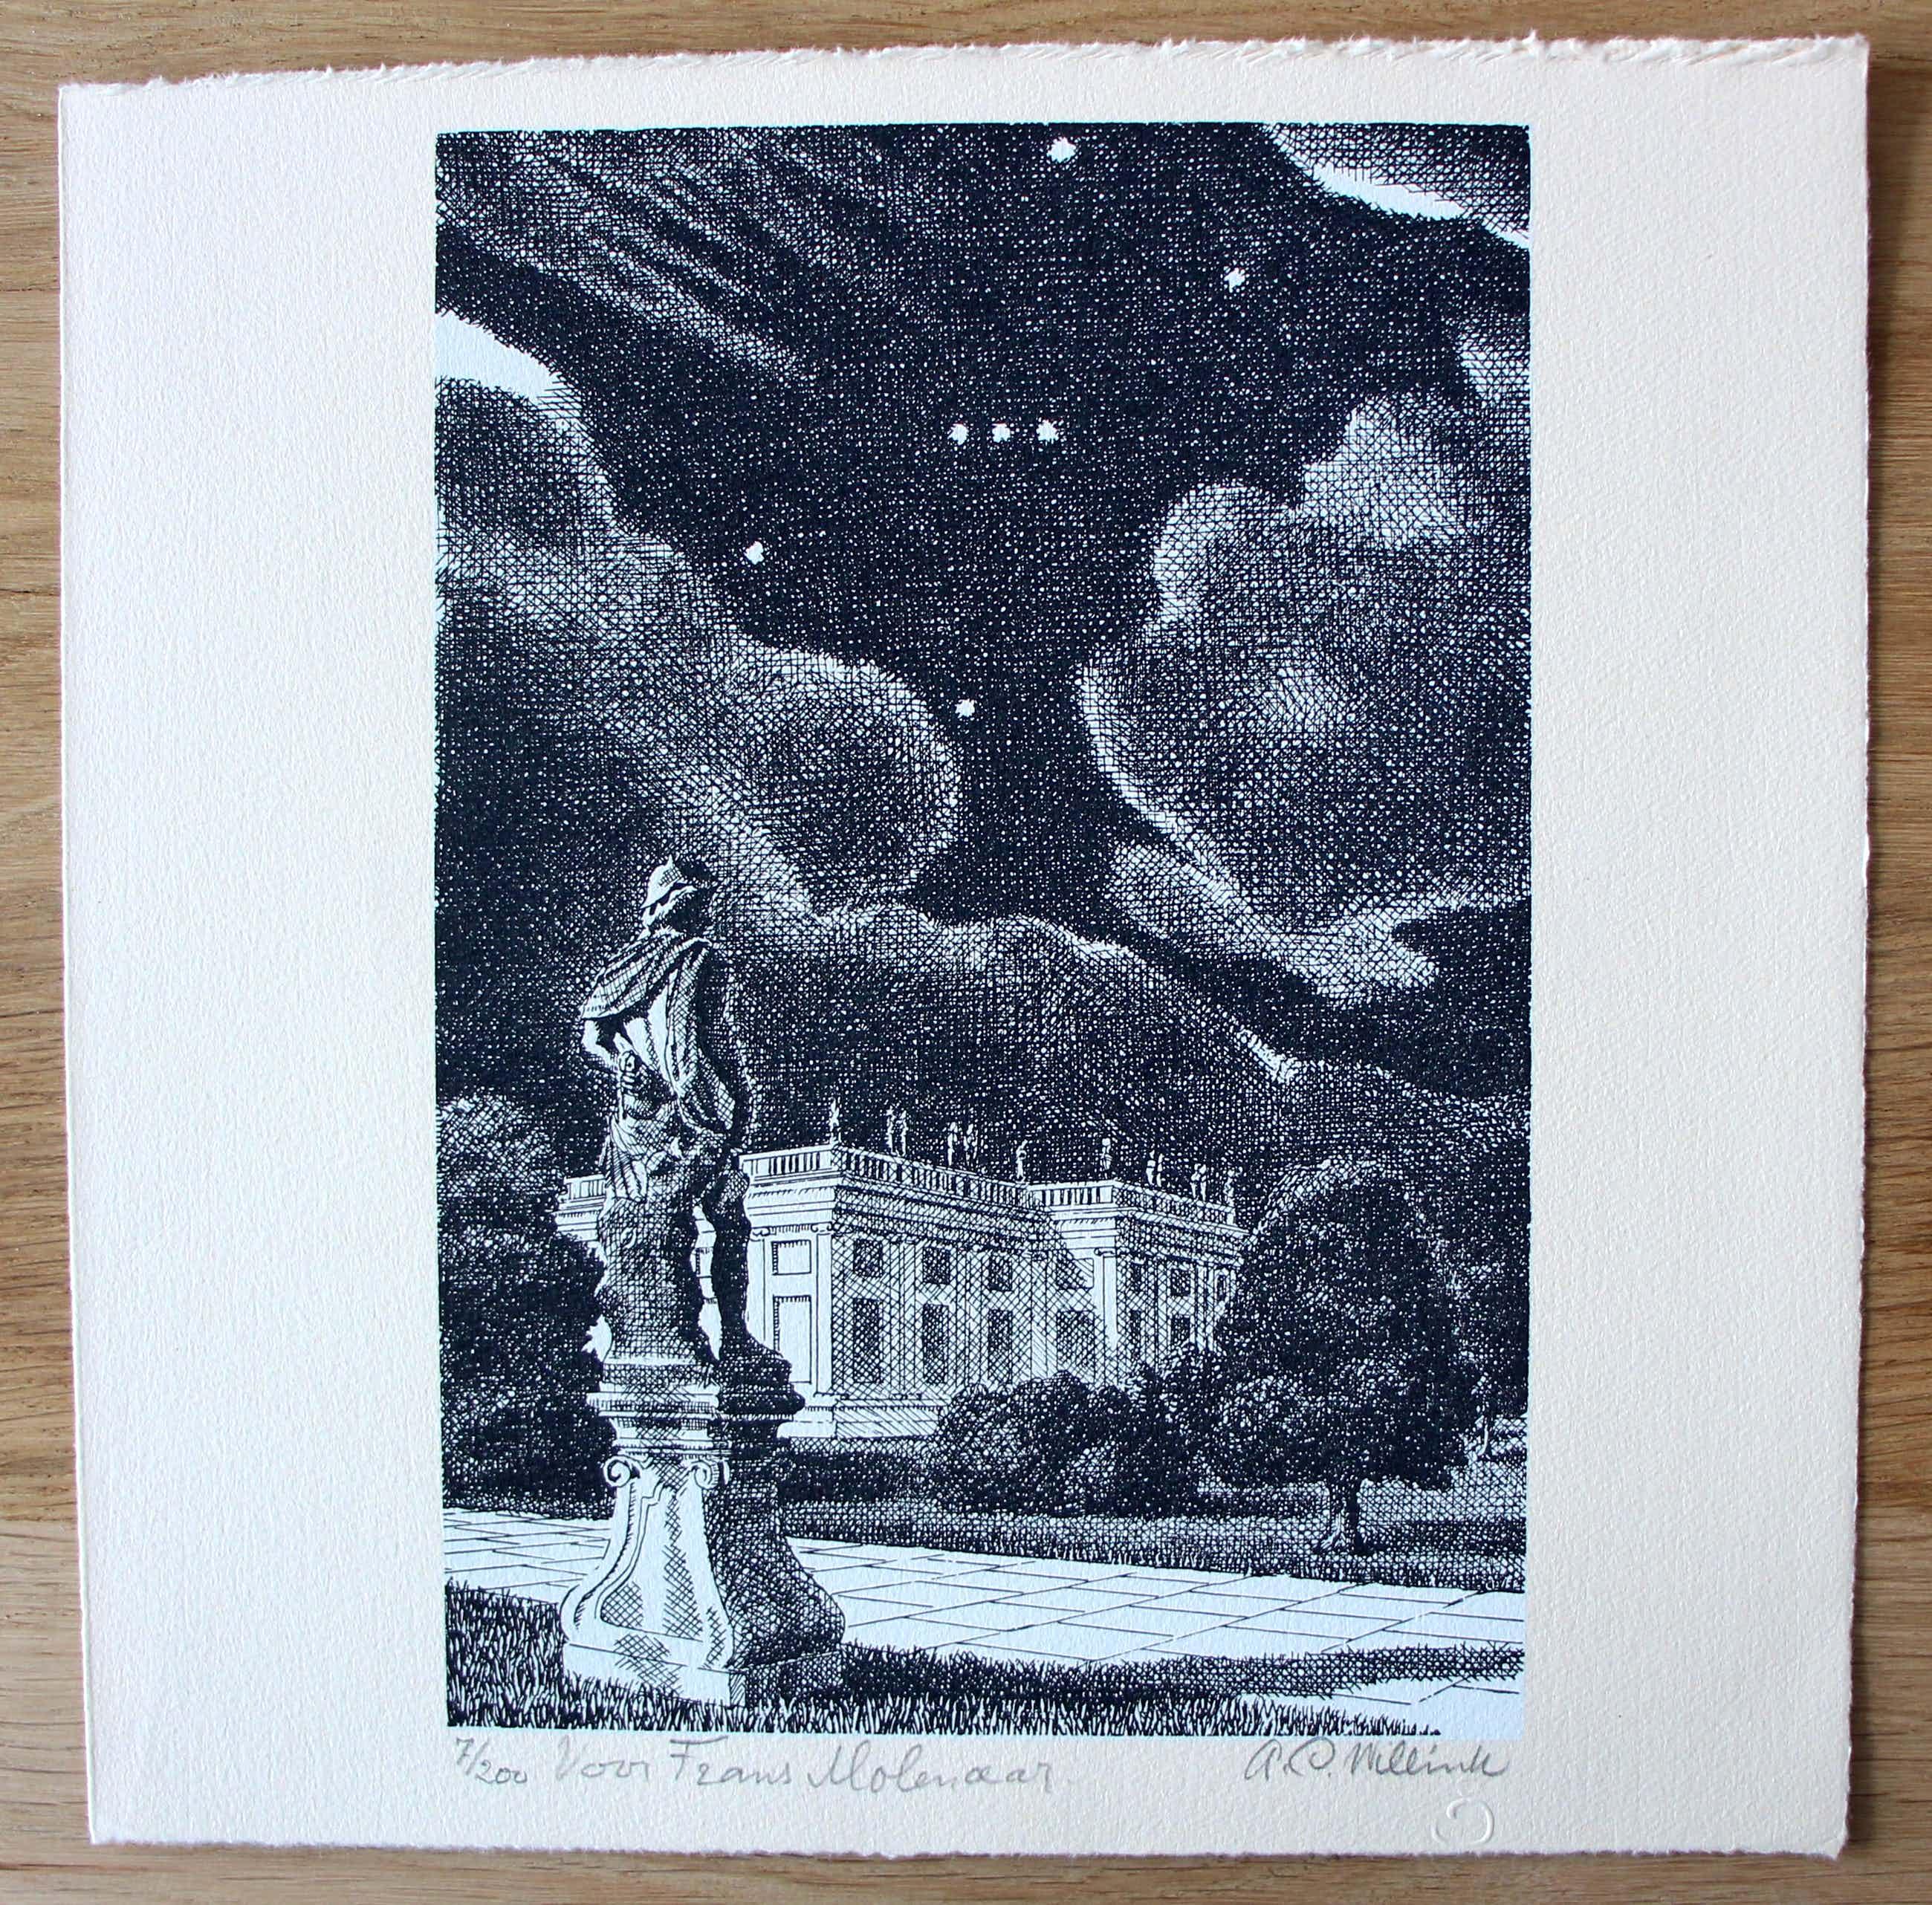 Carel Willink - litho: Berlin + gesigneerd boek (uit nalatenschap van Frans Molenaar) kopen? Bied vanaf 295!